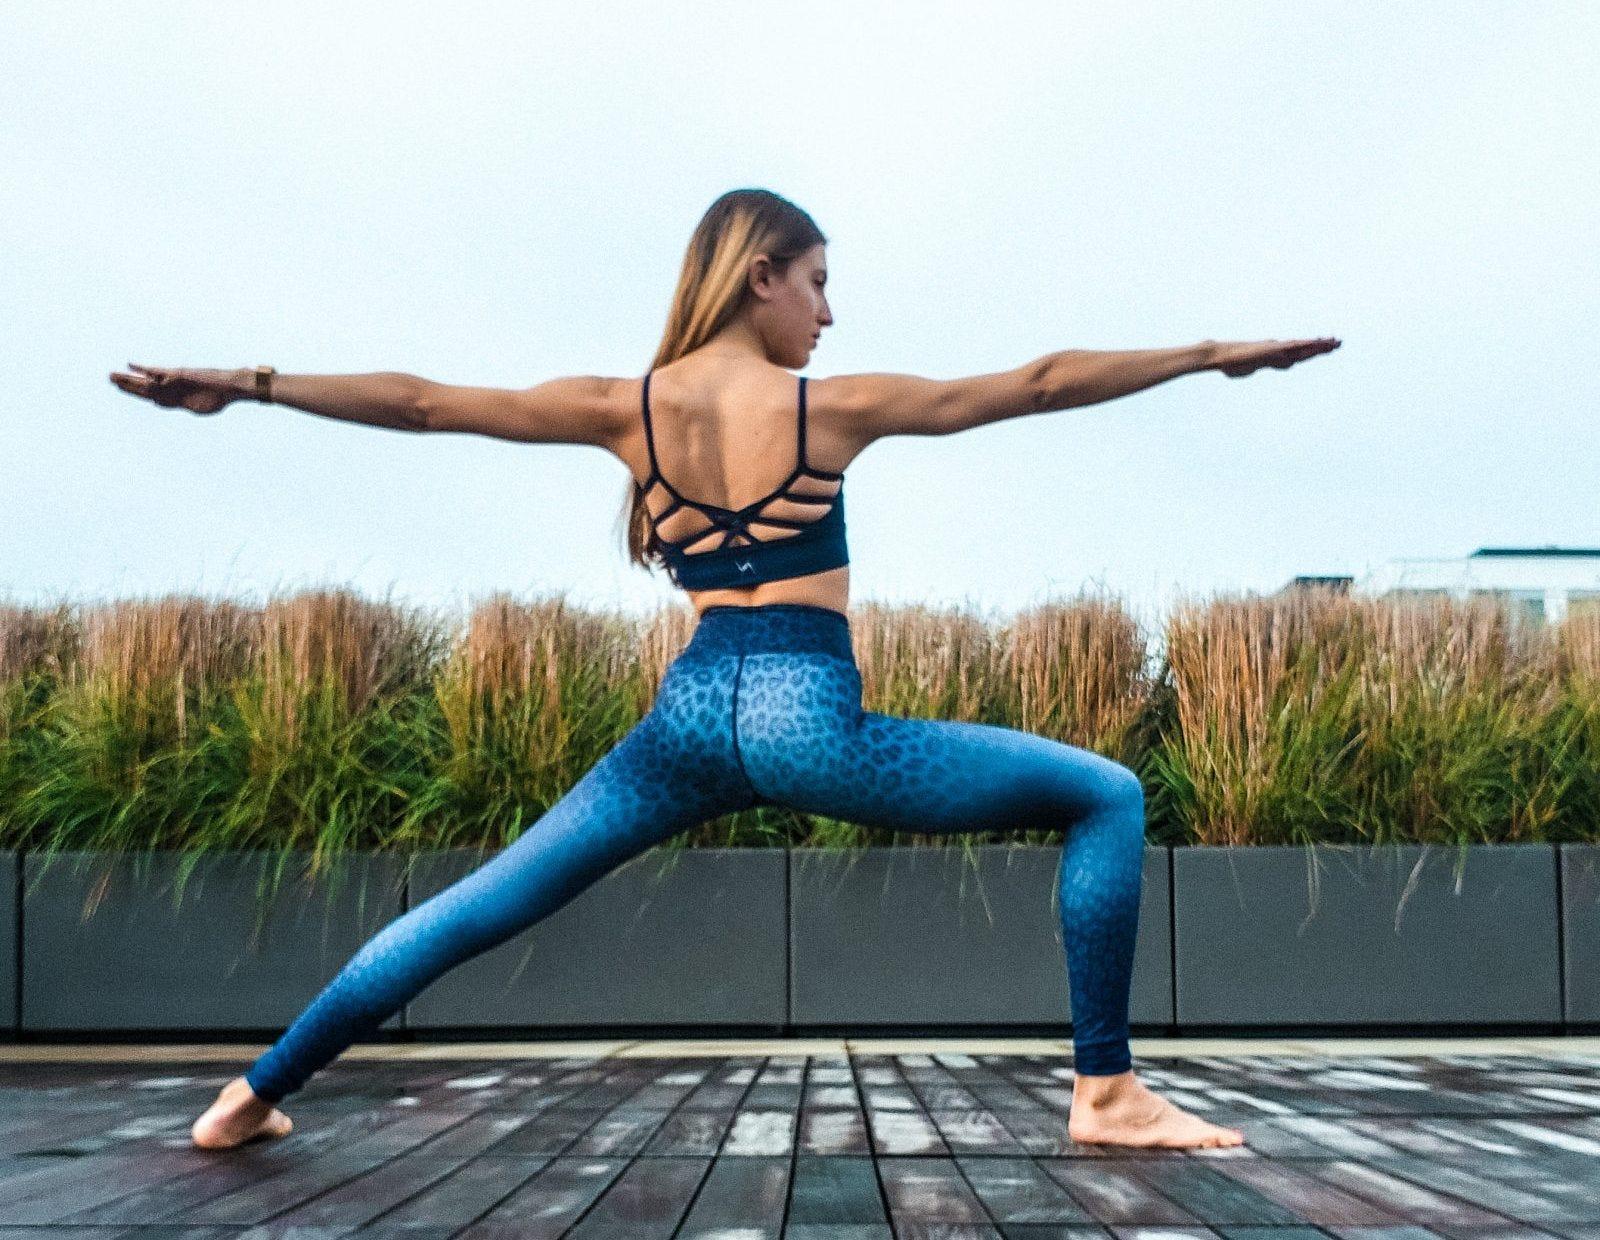 Woman doing a warrior II pose in blue leopard leggings